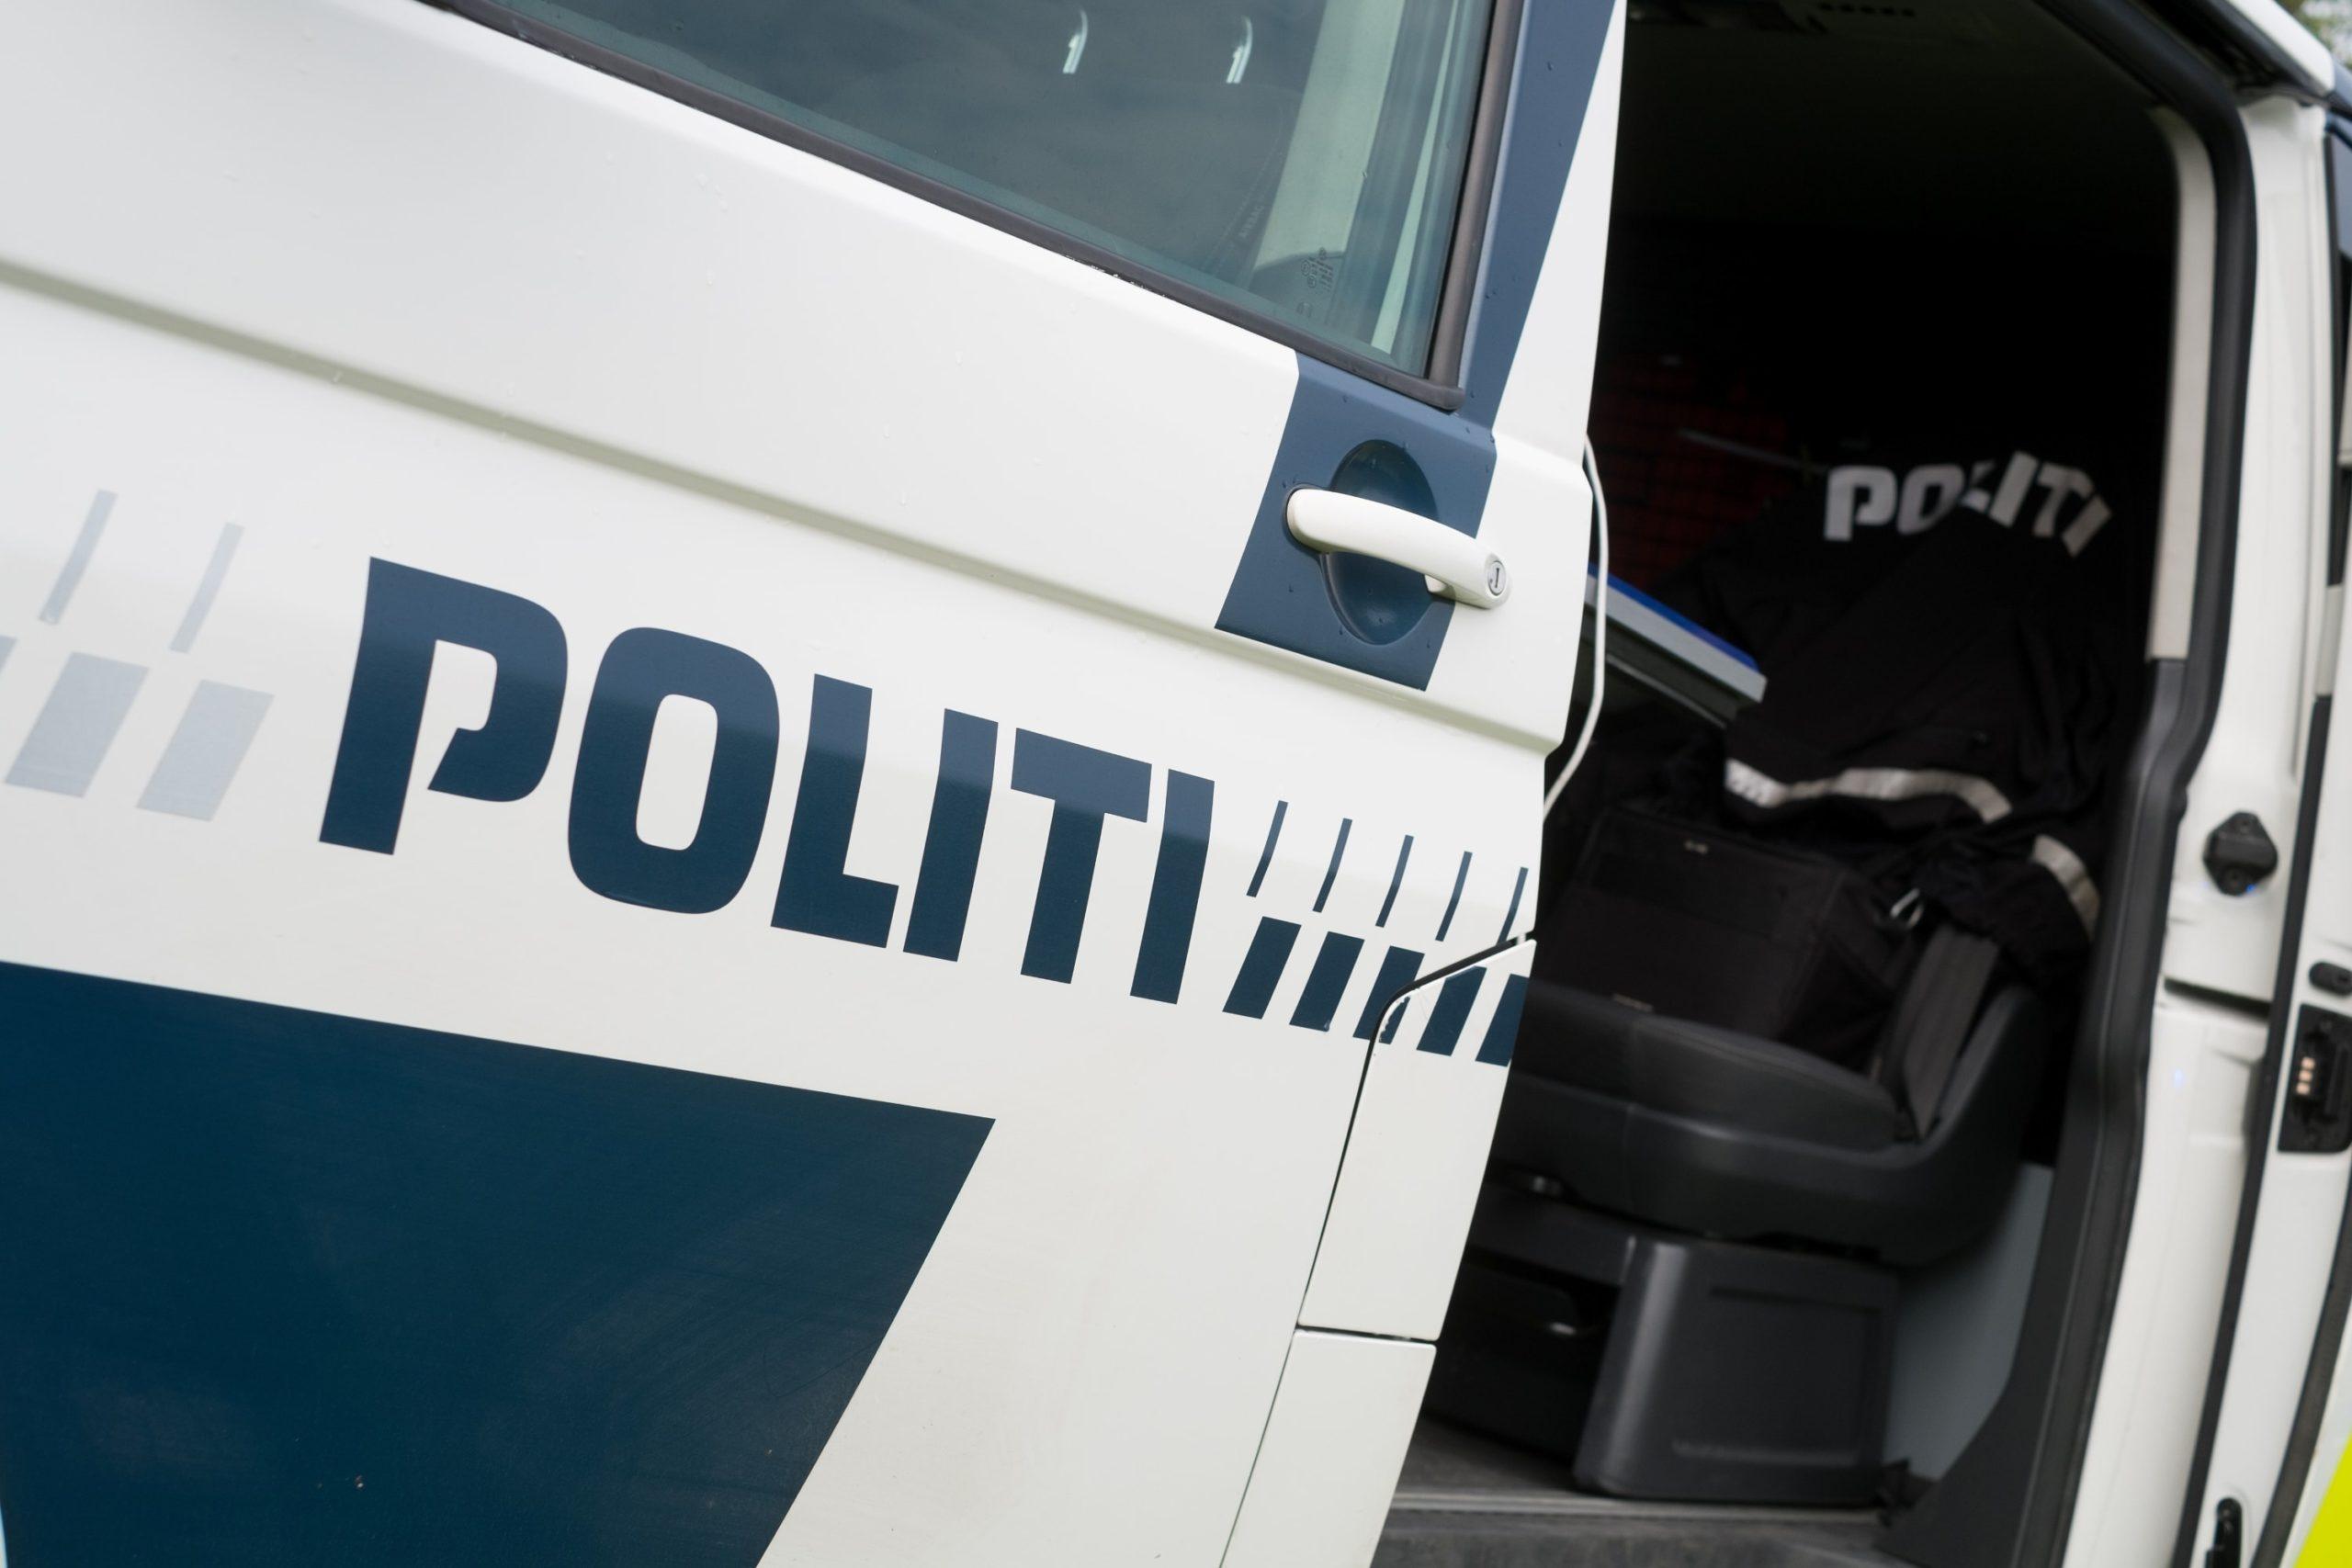 politibil dør